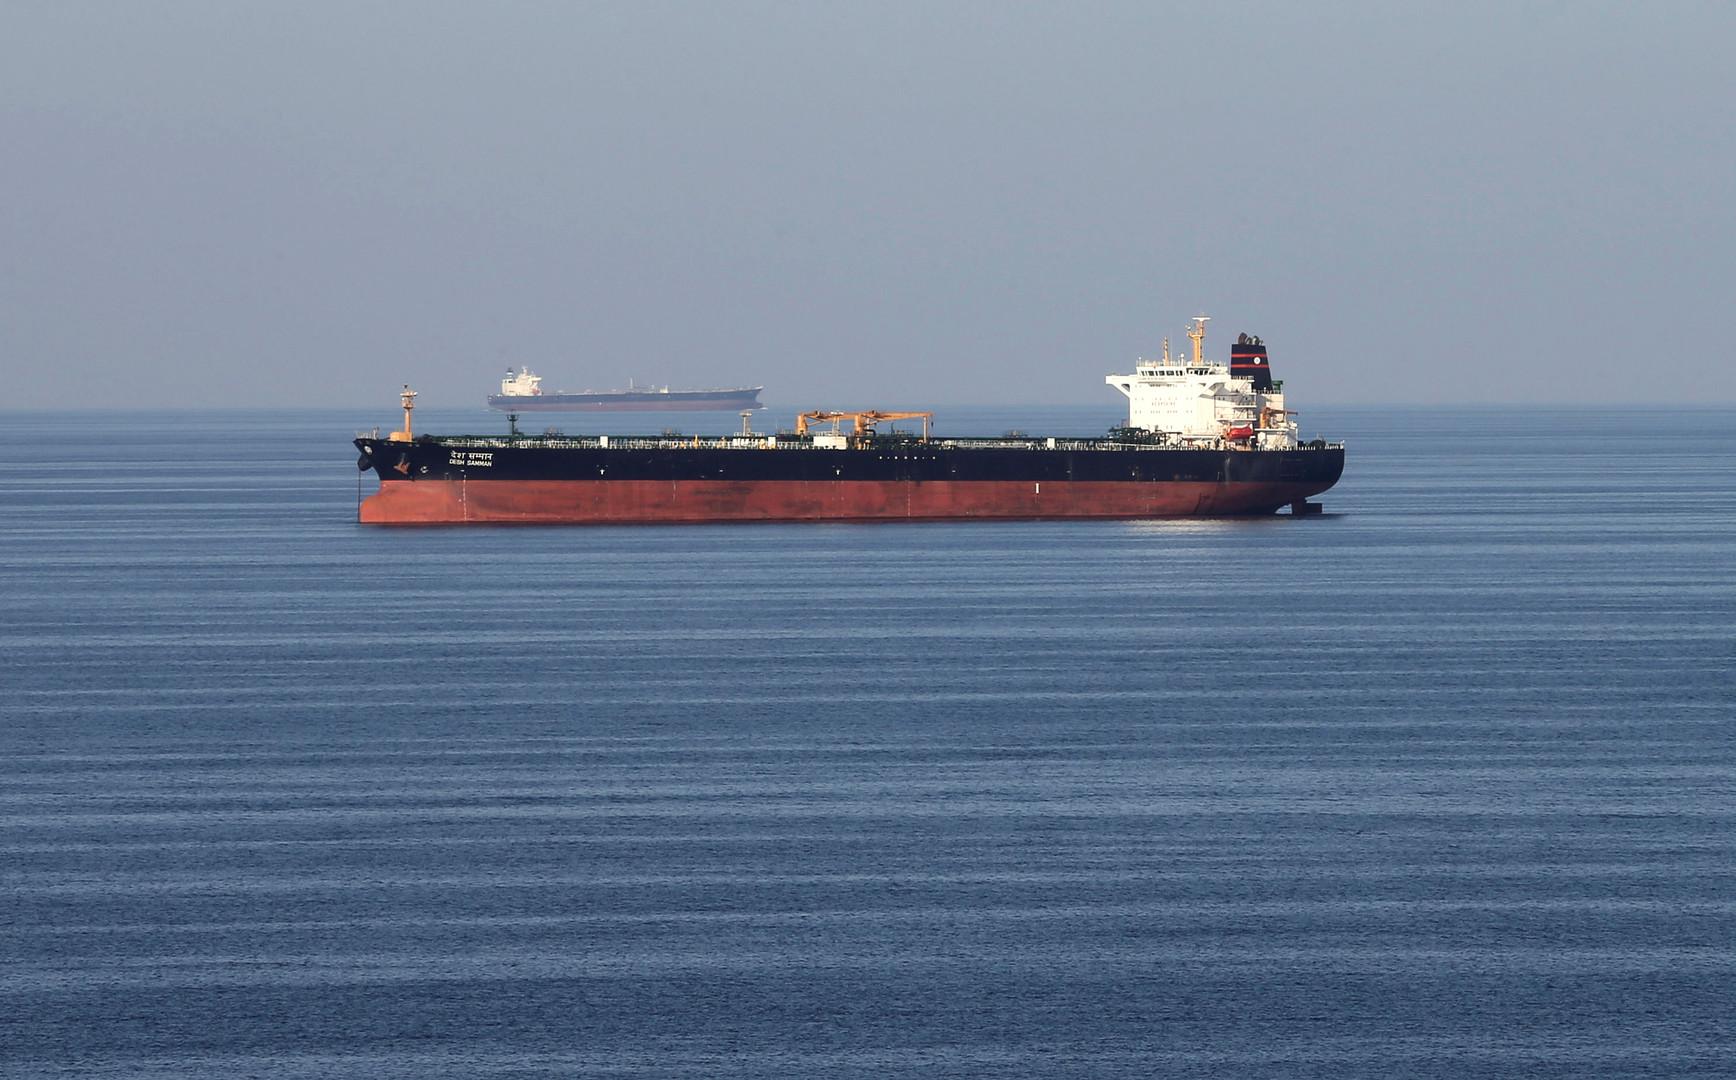 الحرس الثوري الإيراني ينفي أنباء اعتراض قواربه لناقلة نفط بريطانية في مياه الخليج